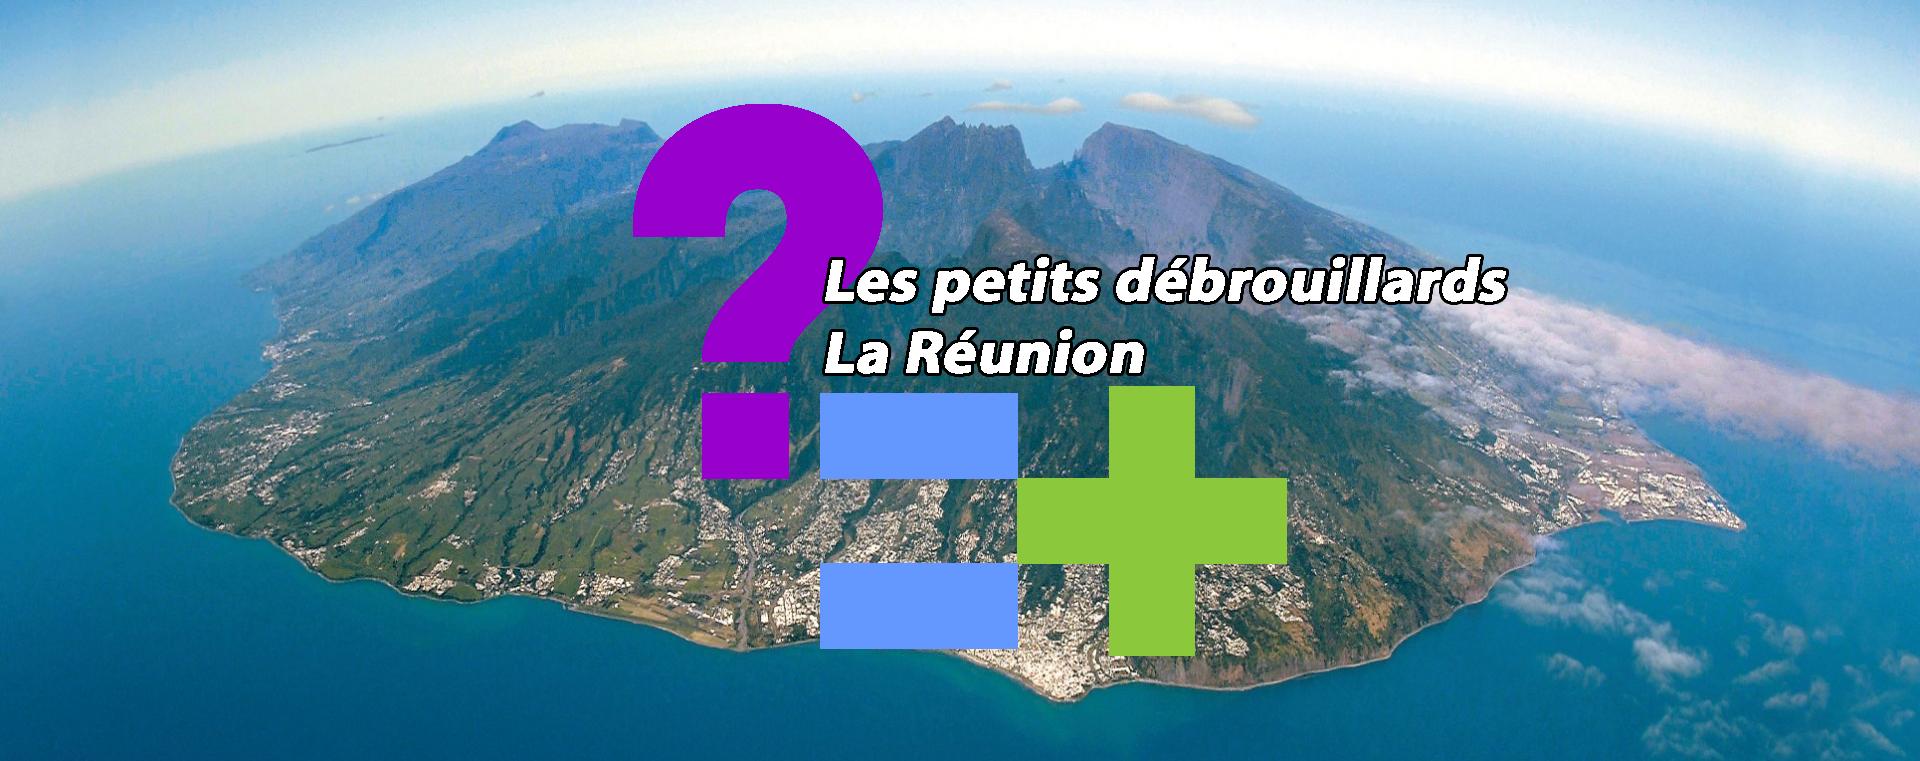 Adhésion annuelle - Les Petits Débrouillards de La Réunion